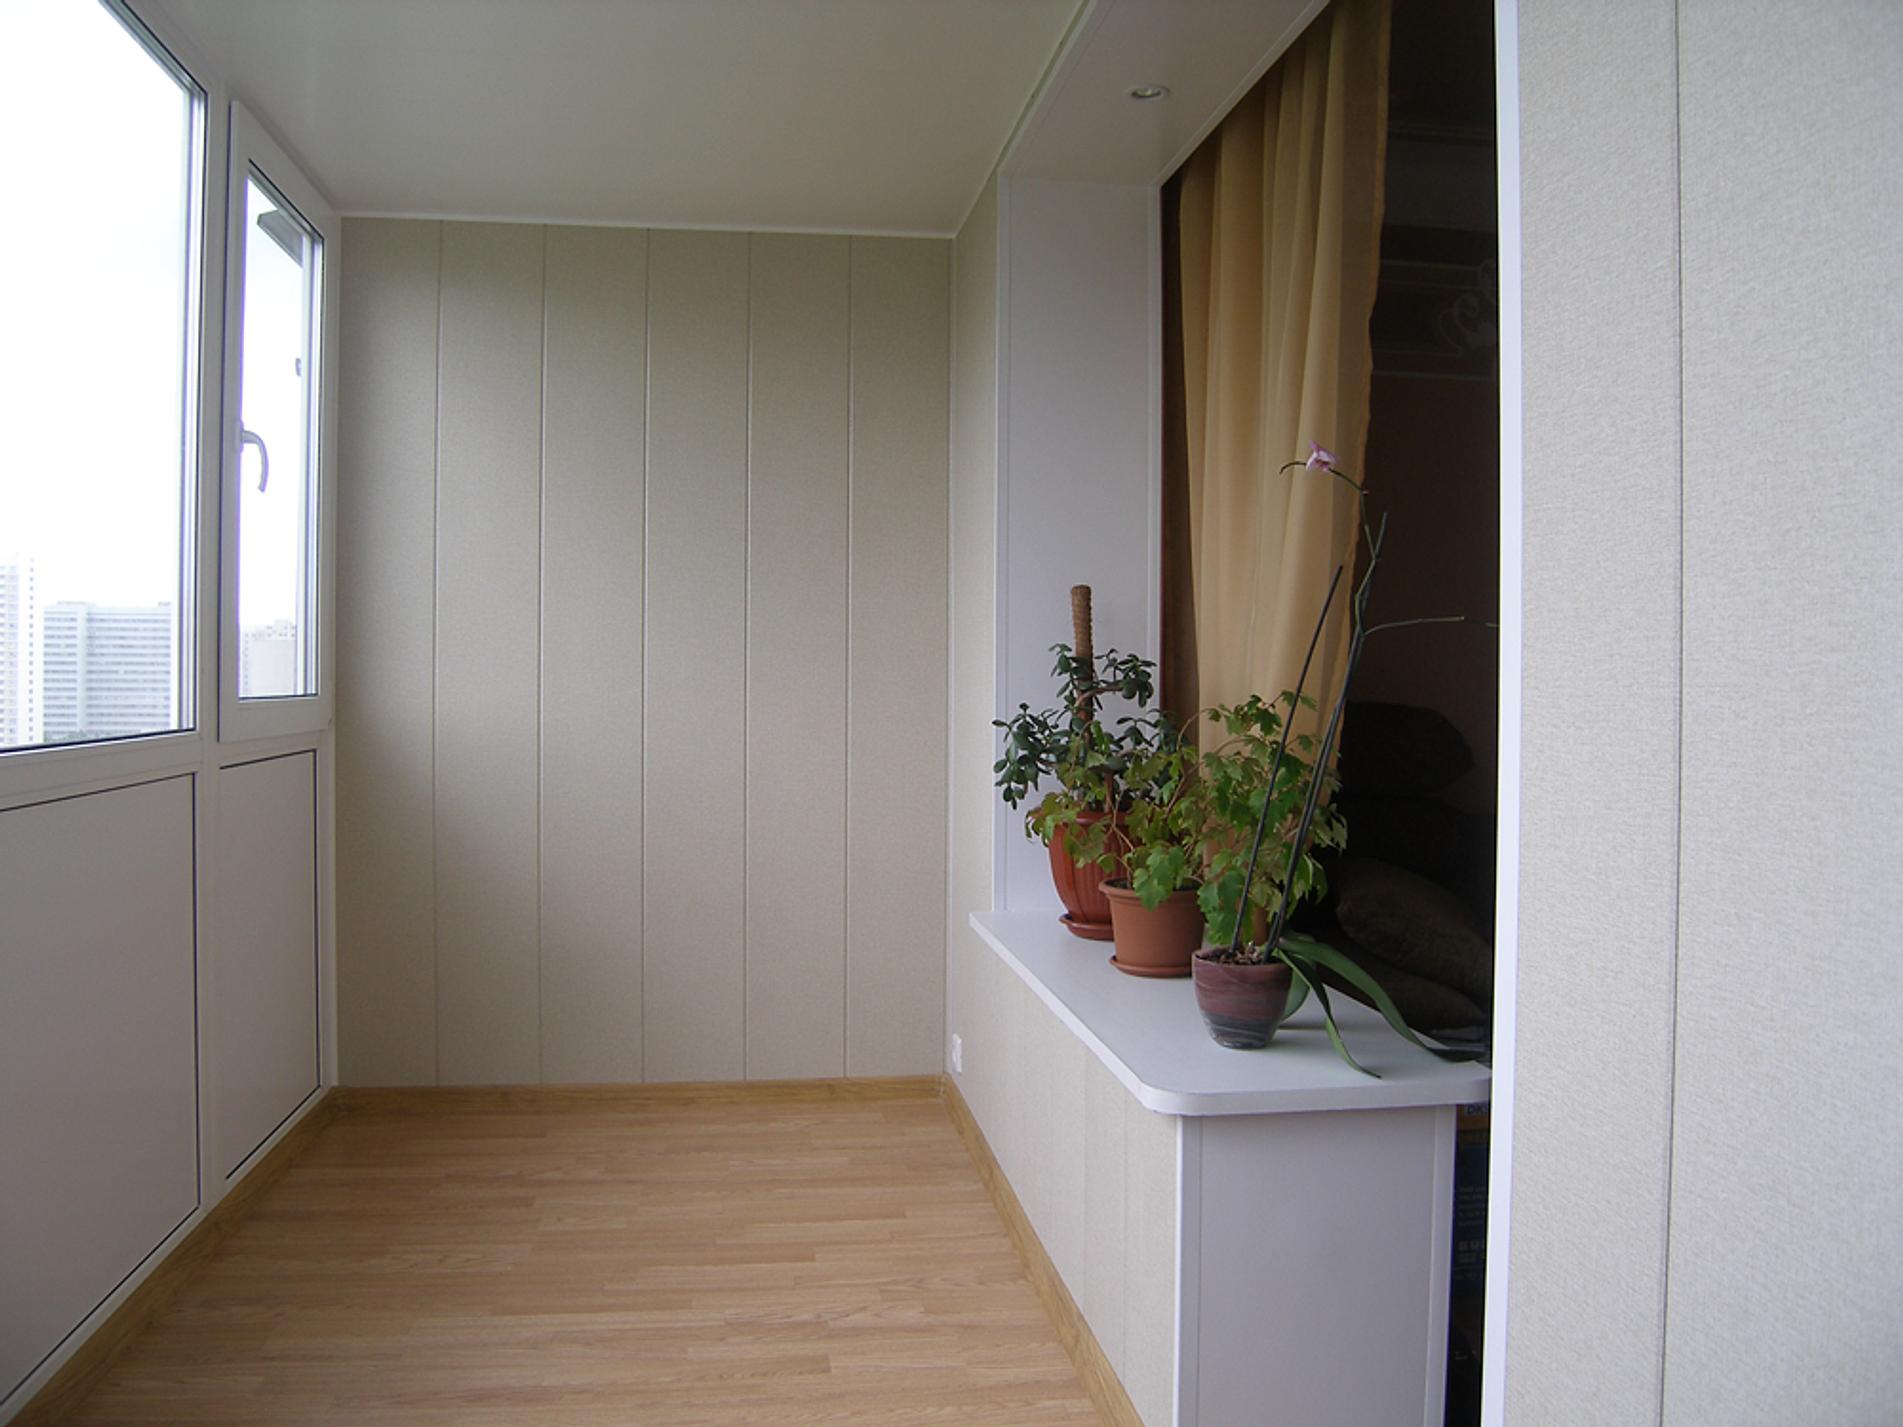 Балконы под ключ в краснодаре в короткие сроки. недорого!.